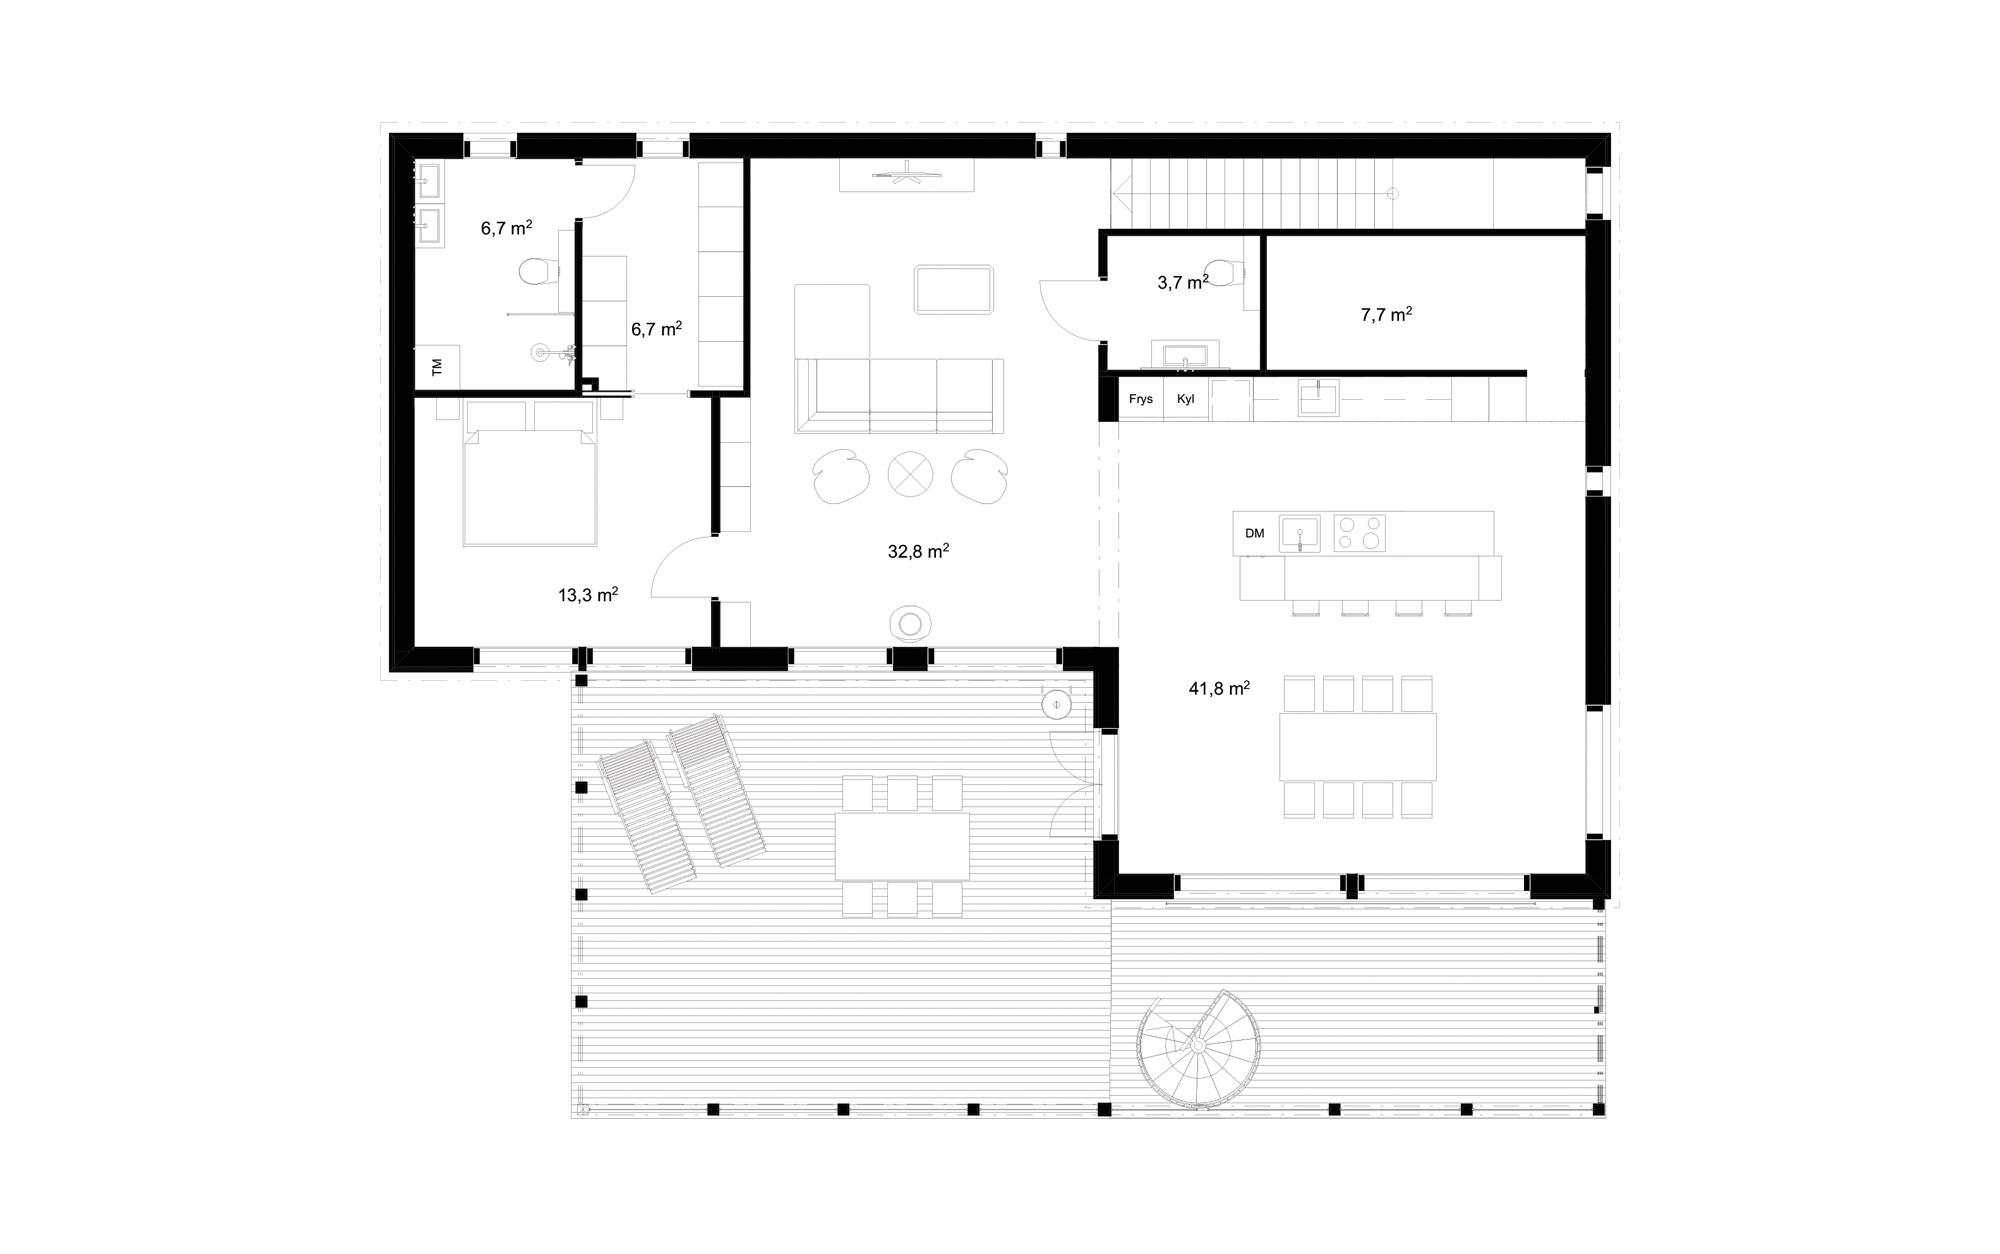 villa-5-planritning-floor-1